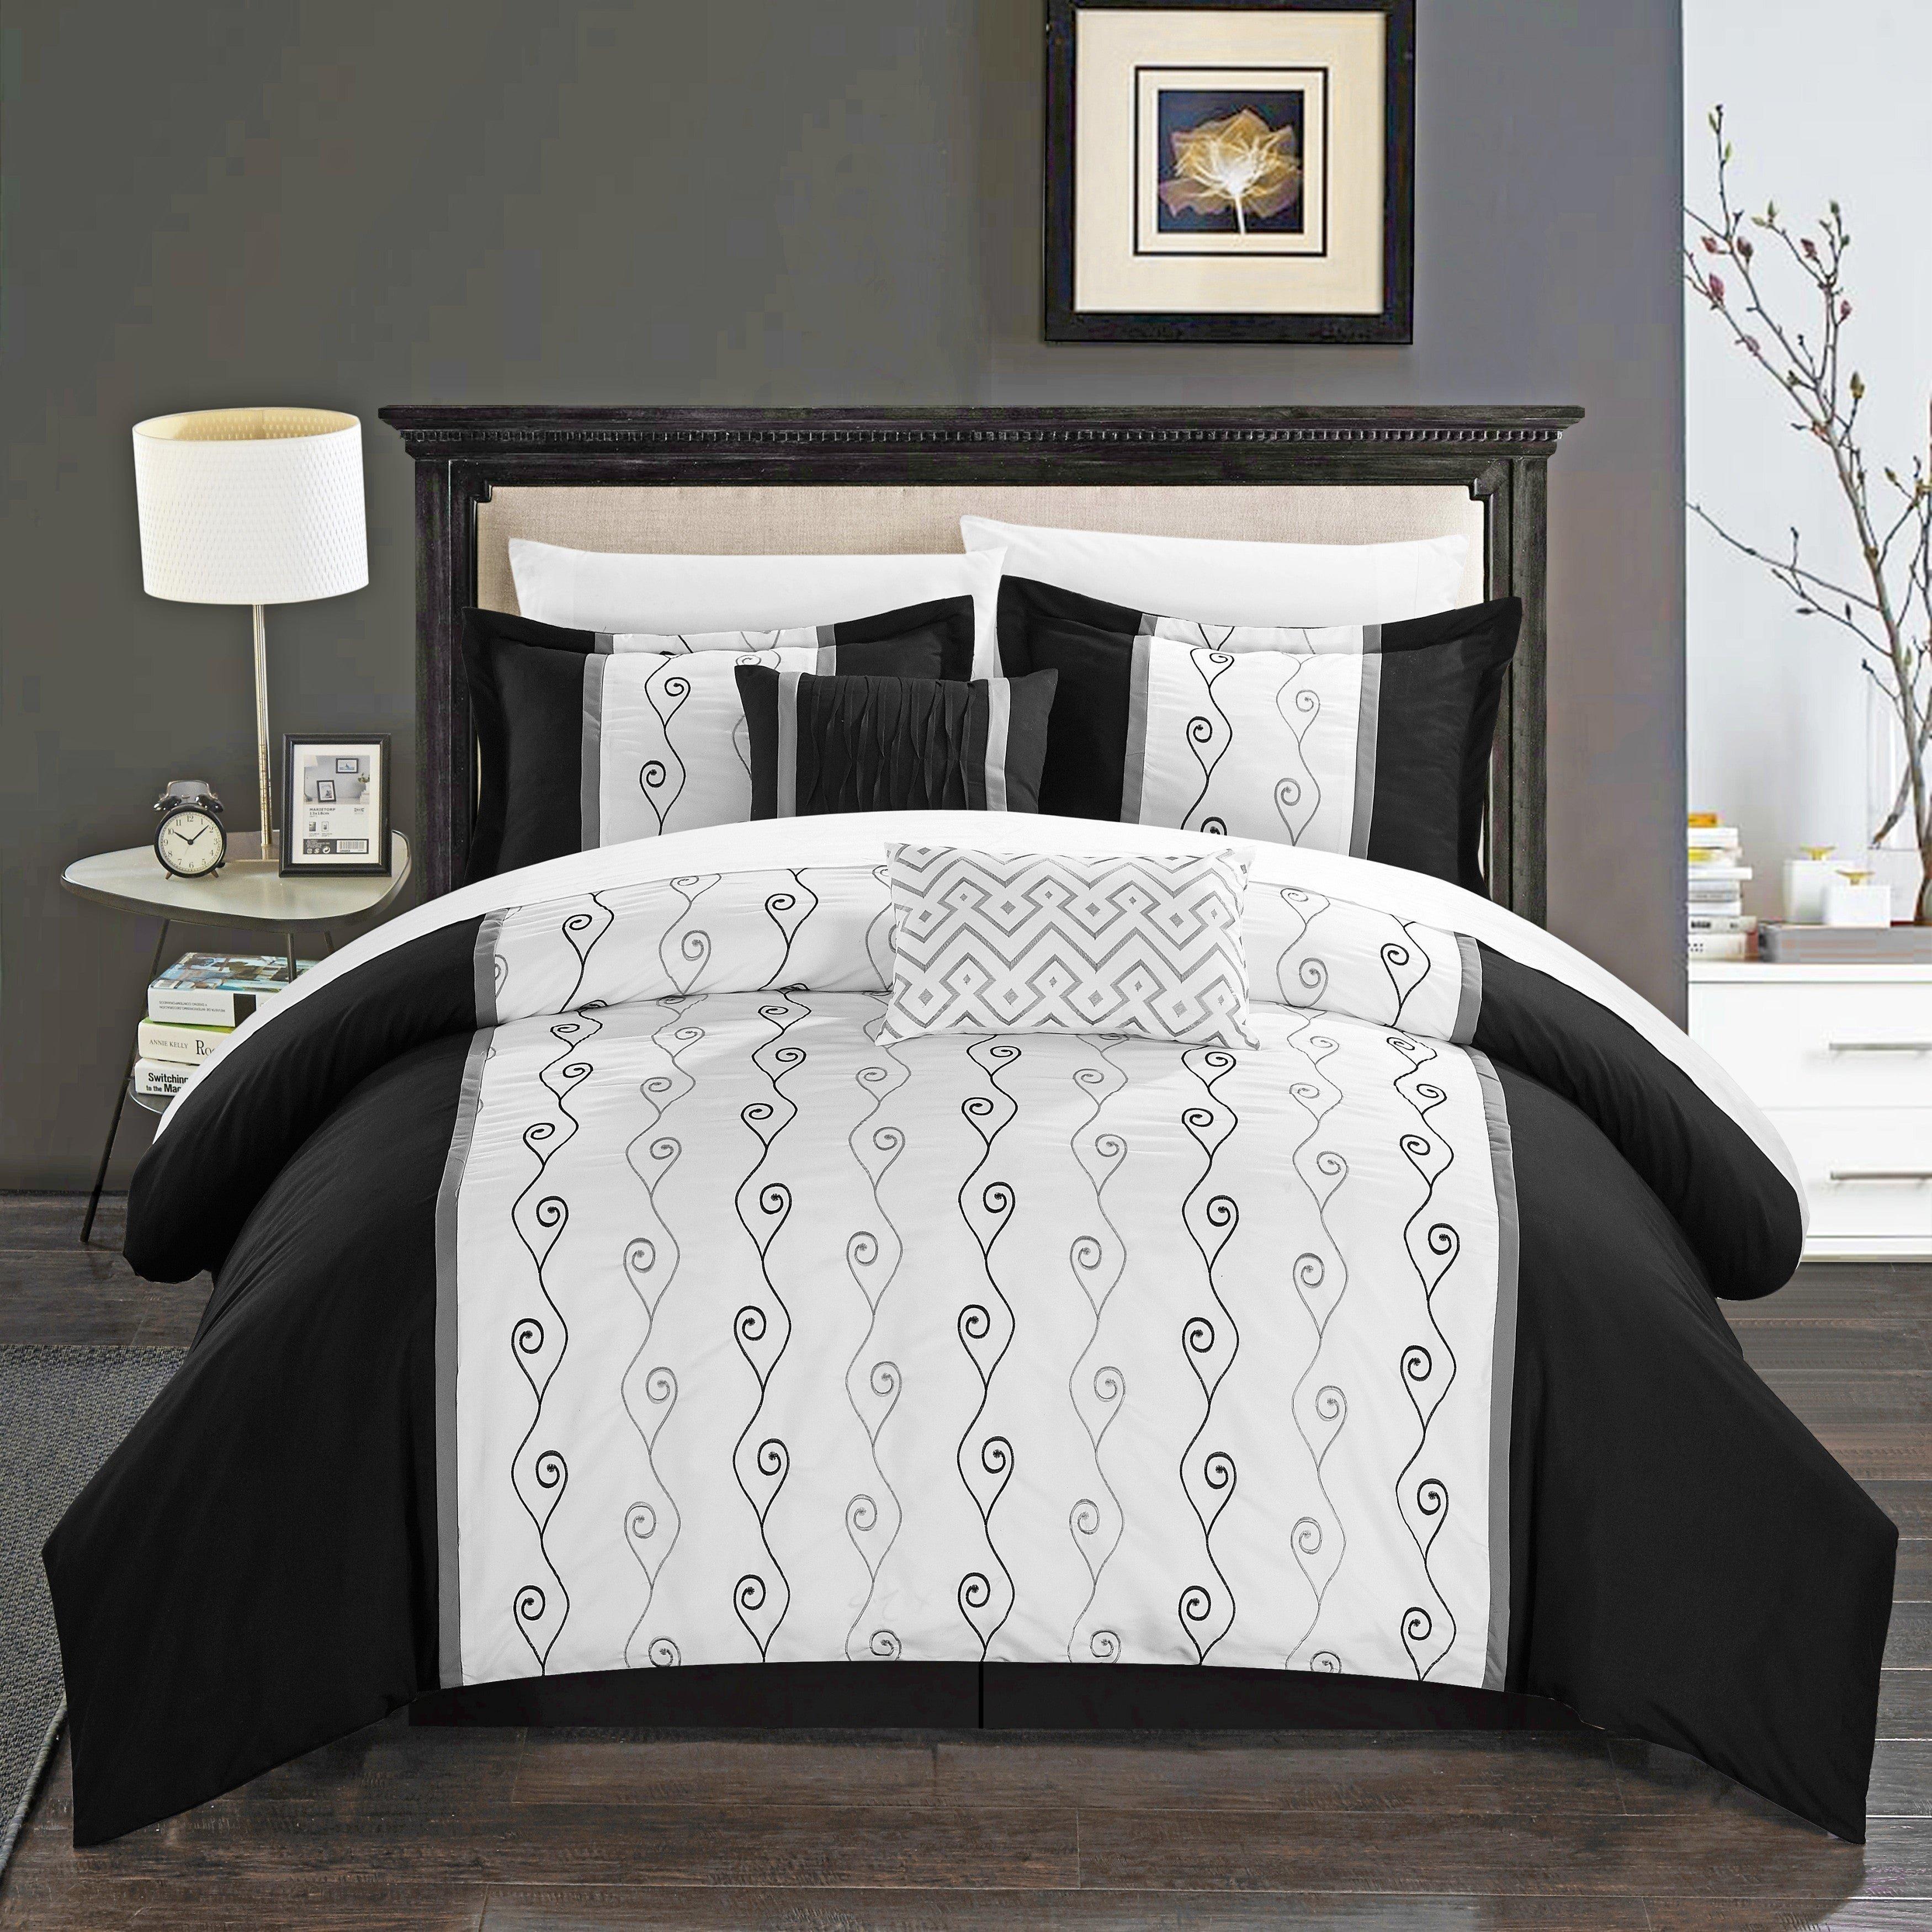 Black Bedroom Comforter Set Inspirational Chic Home Yohan Black Color Block Embroidered 6 Piece forter Set